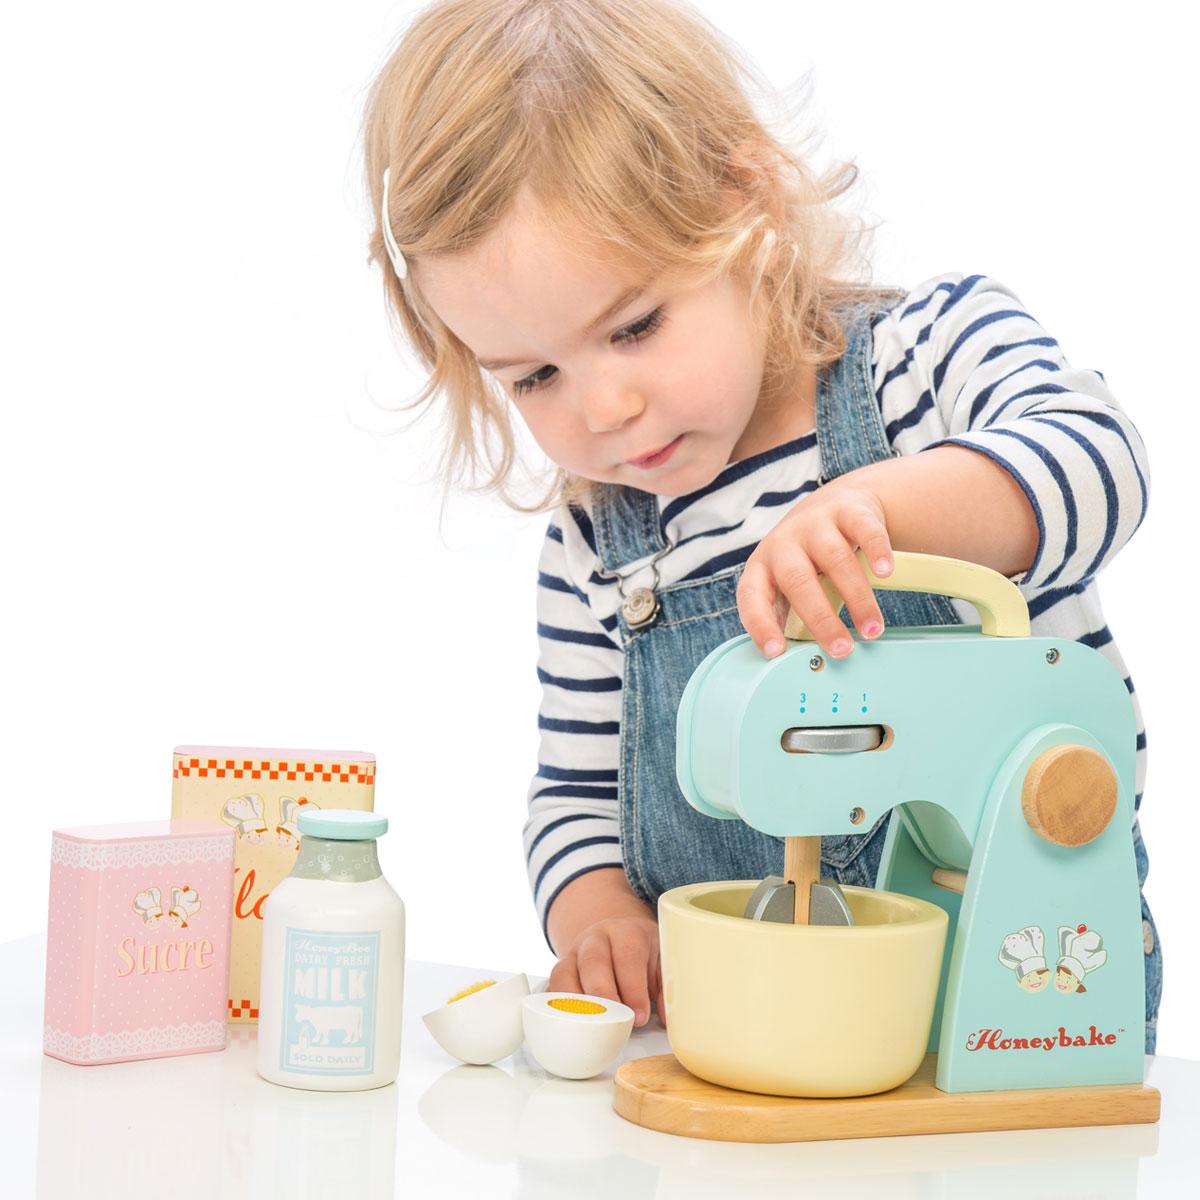 Le toy van mixer tv285 pirum for Toy van cuisine